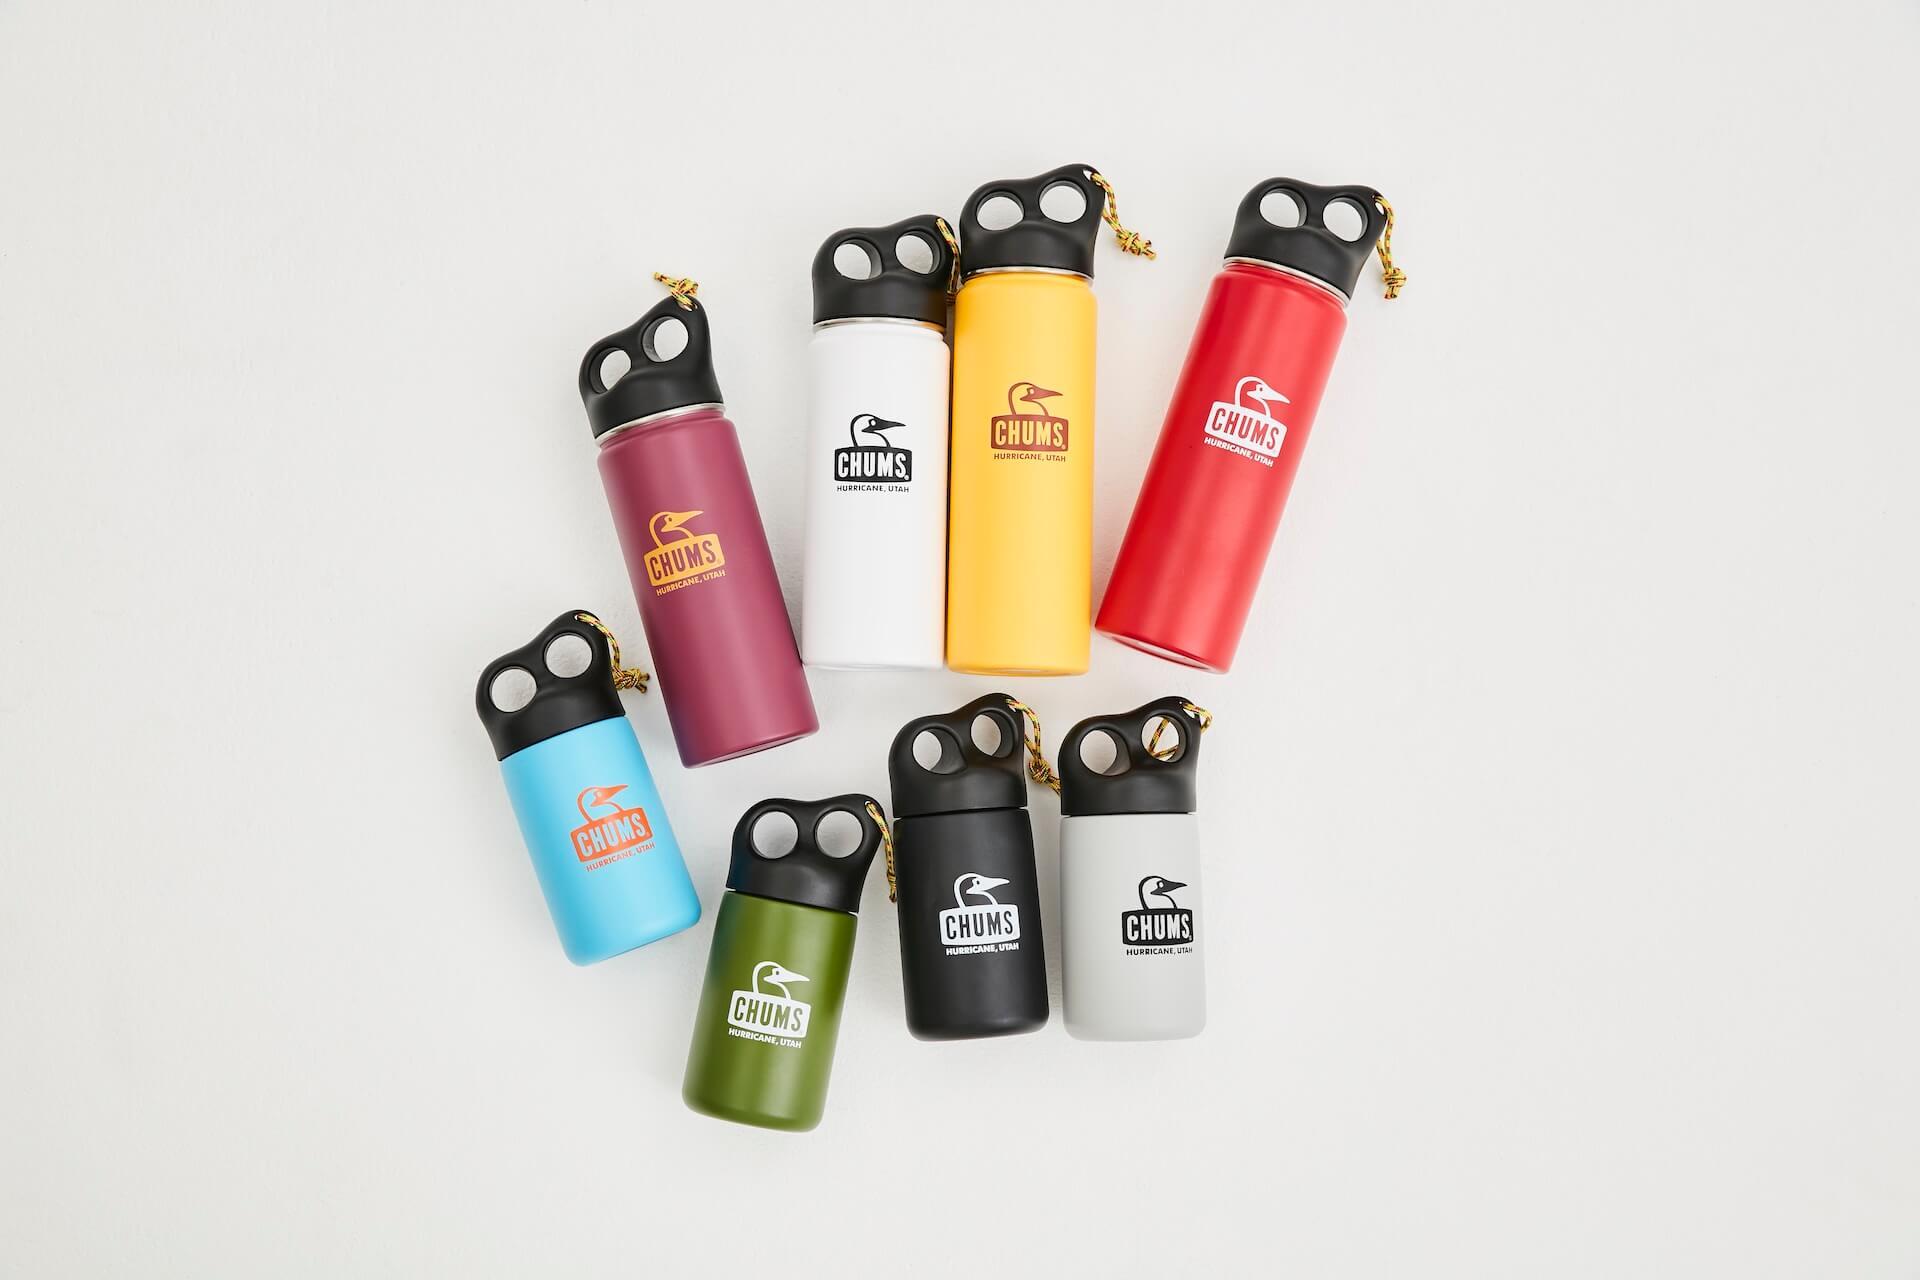 チャムスから環境に優しいカラフルでポップな3サイズ全8色のステンレスボトルが登場 ph_4331